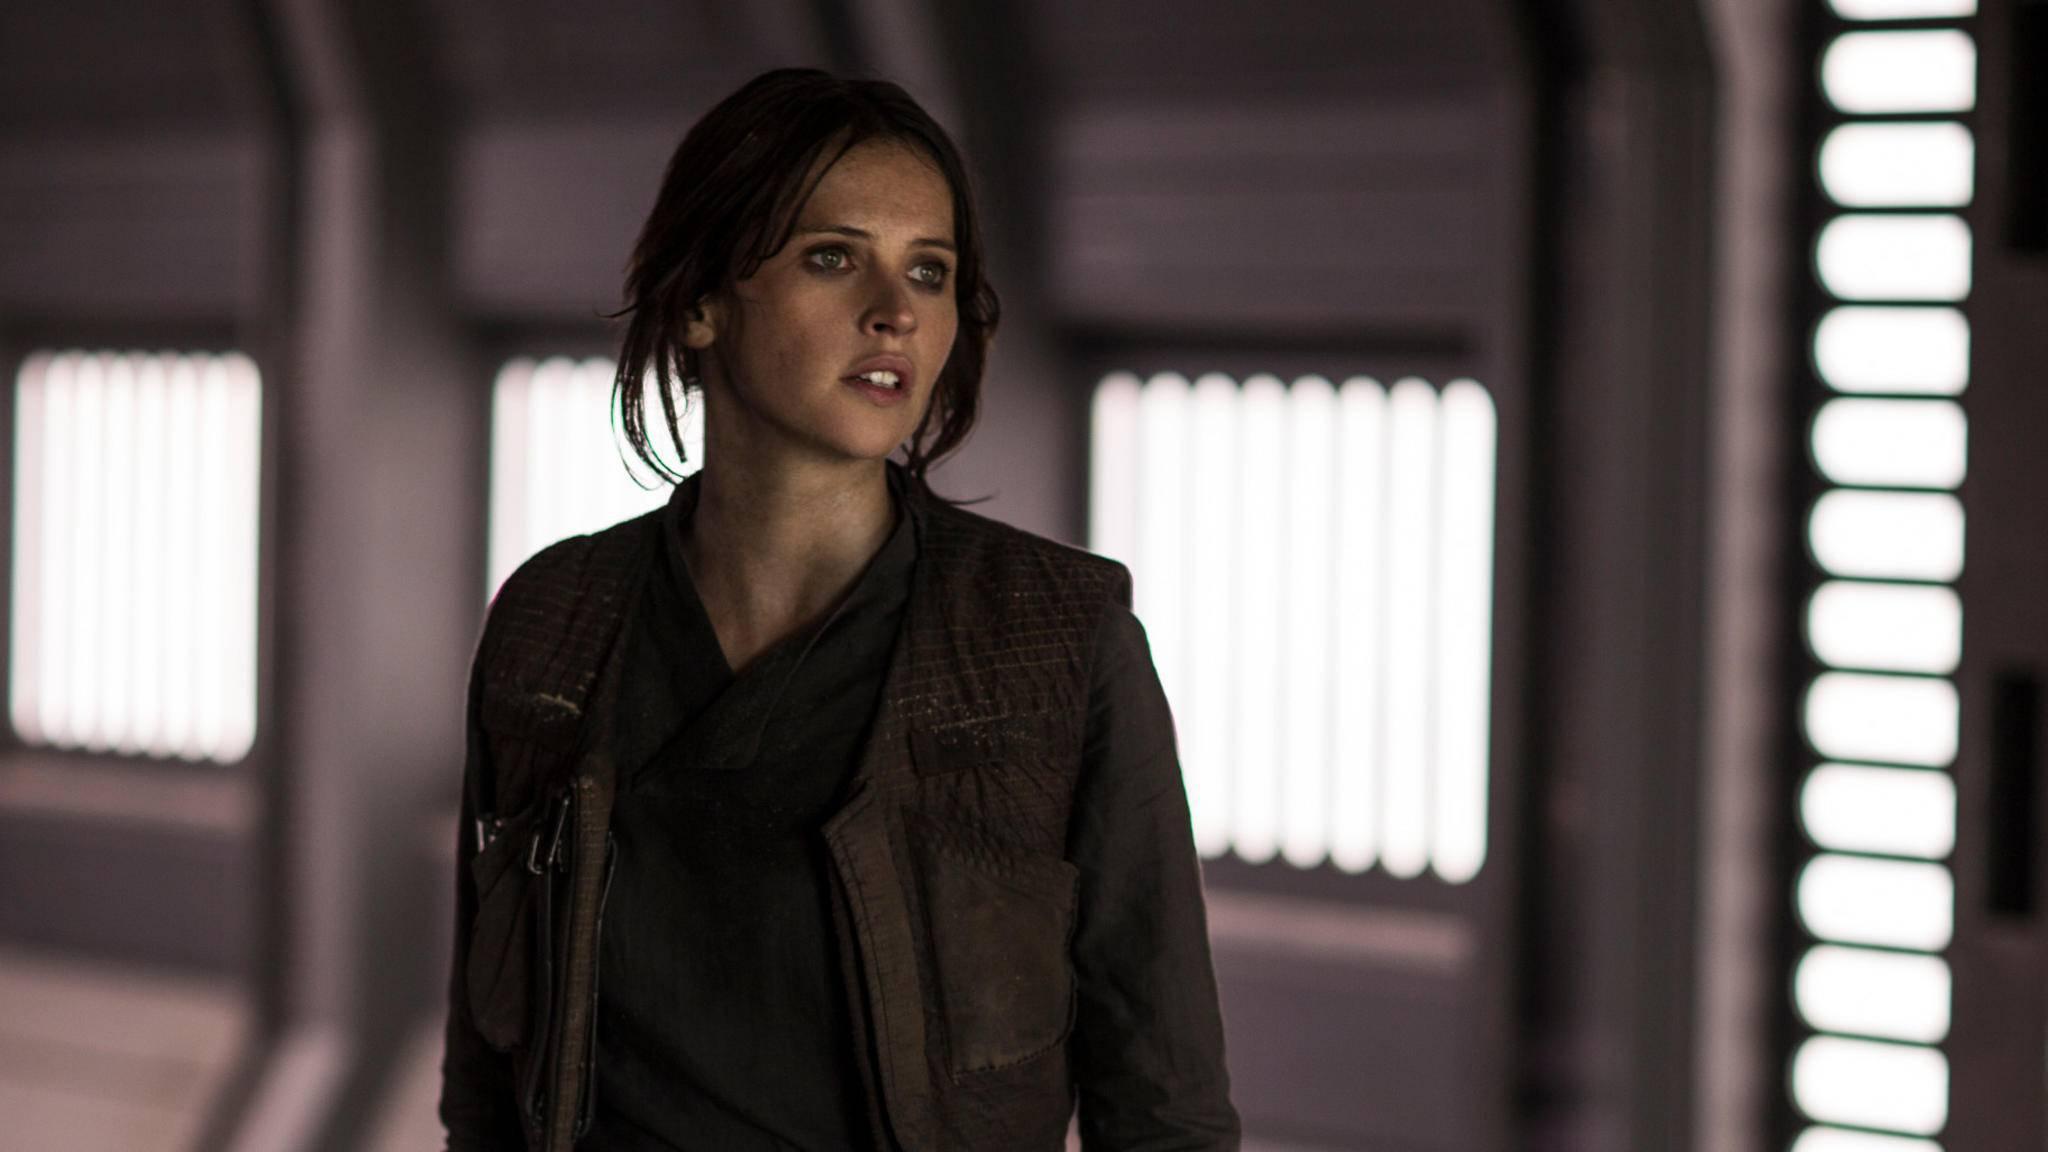 """Offenbar wird es keinen weiteren Auftritt von Jyn Erso im """"Star Wars""""-Universum geben."""